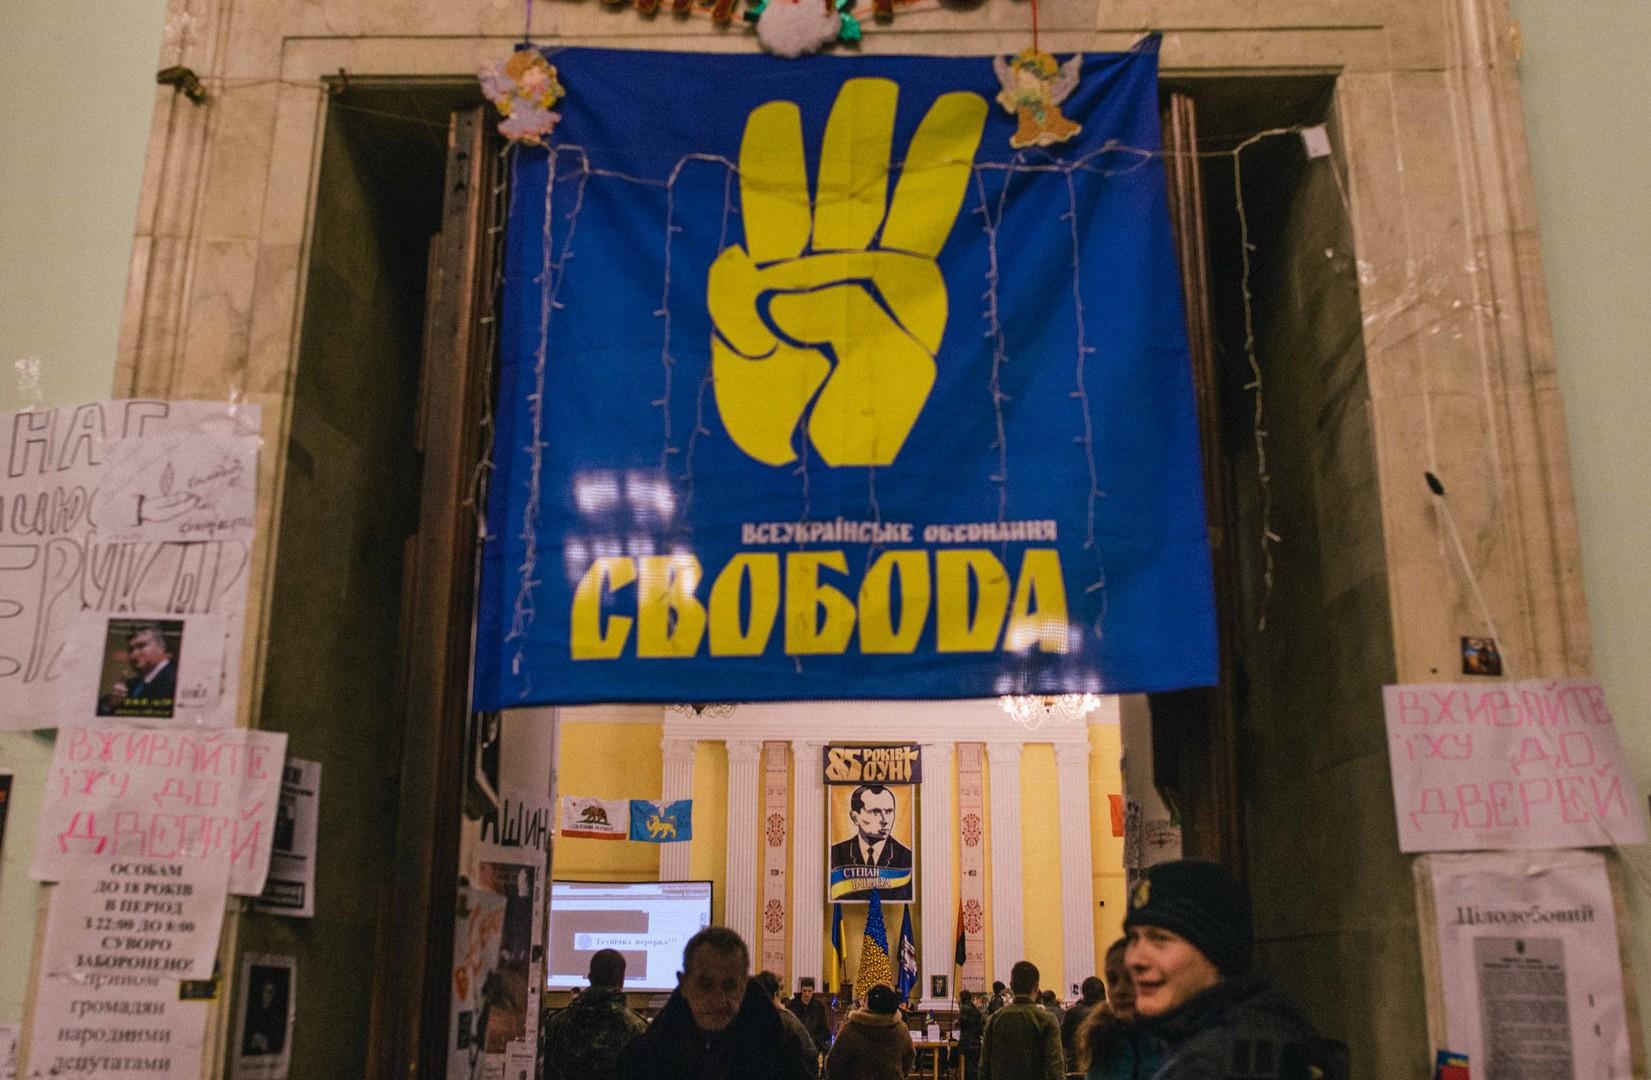 Stepan Bandera als Superstar? Berliner Senat macht das Unmögliche möglich